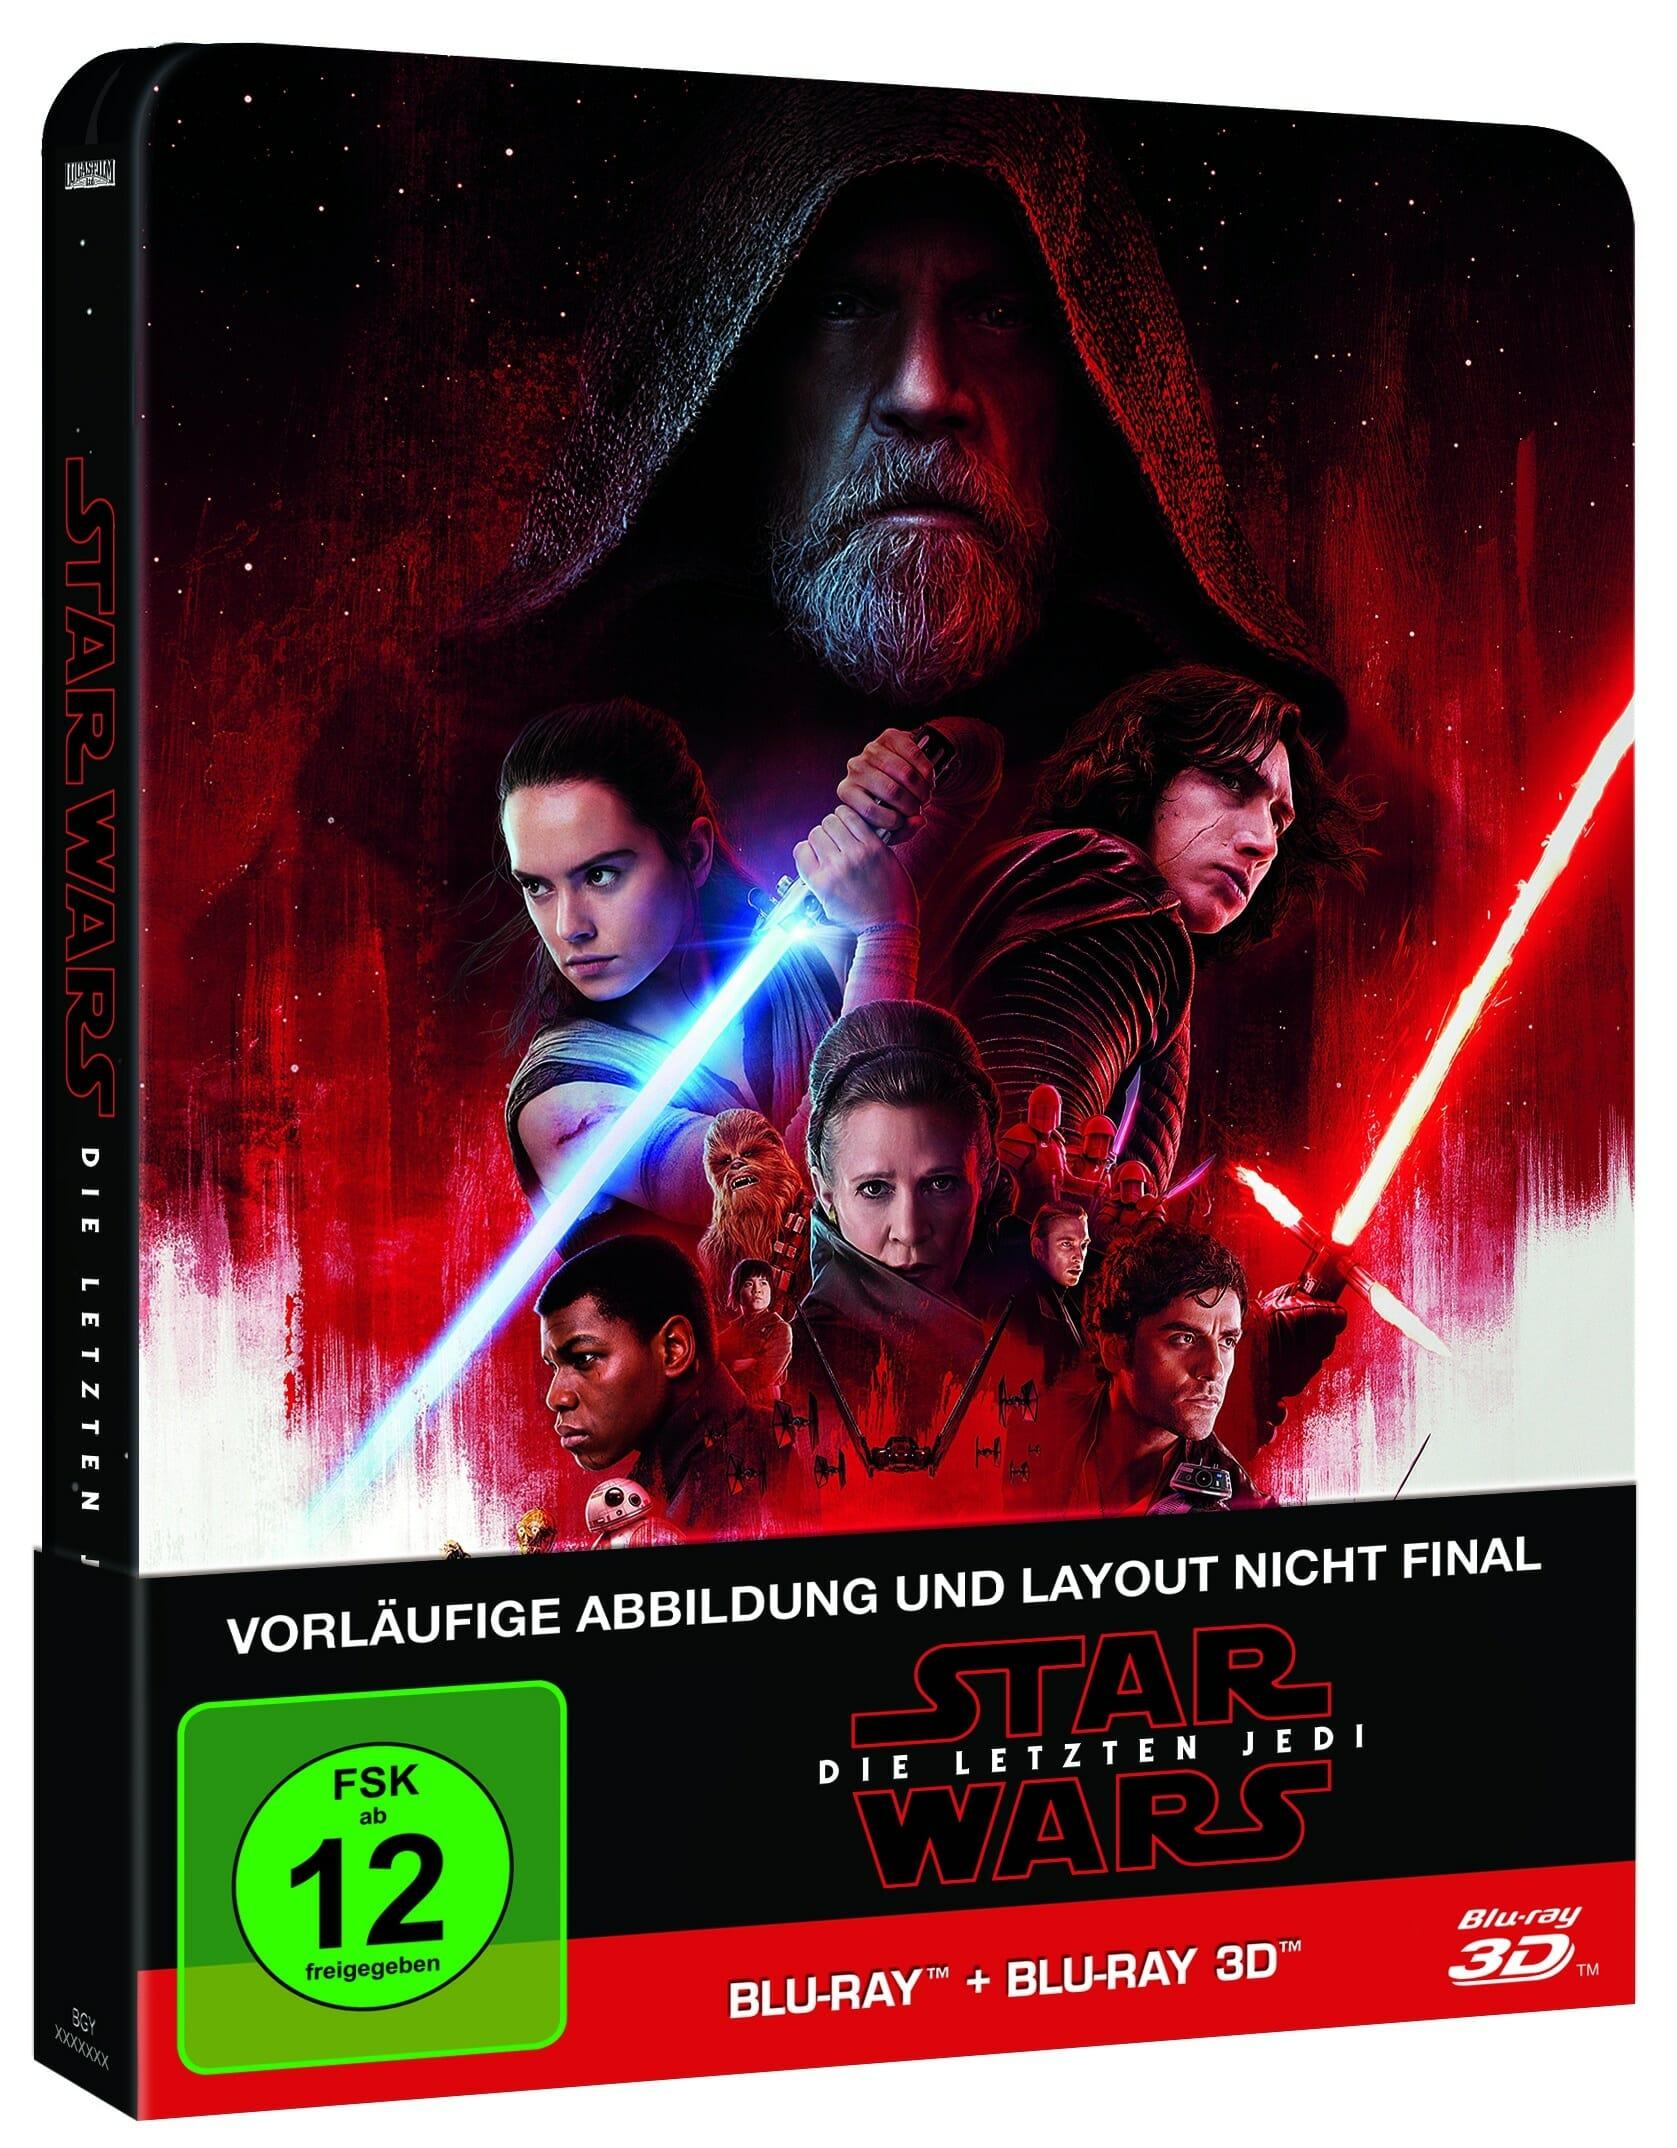 Star Wars Die Letzten Jedi Erscheint Auf 4k Uhd Blu Ray Update